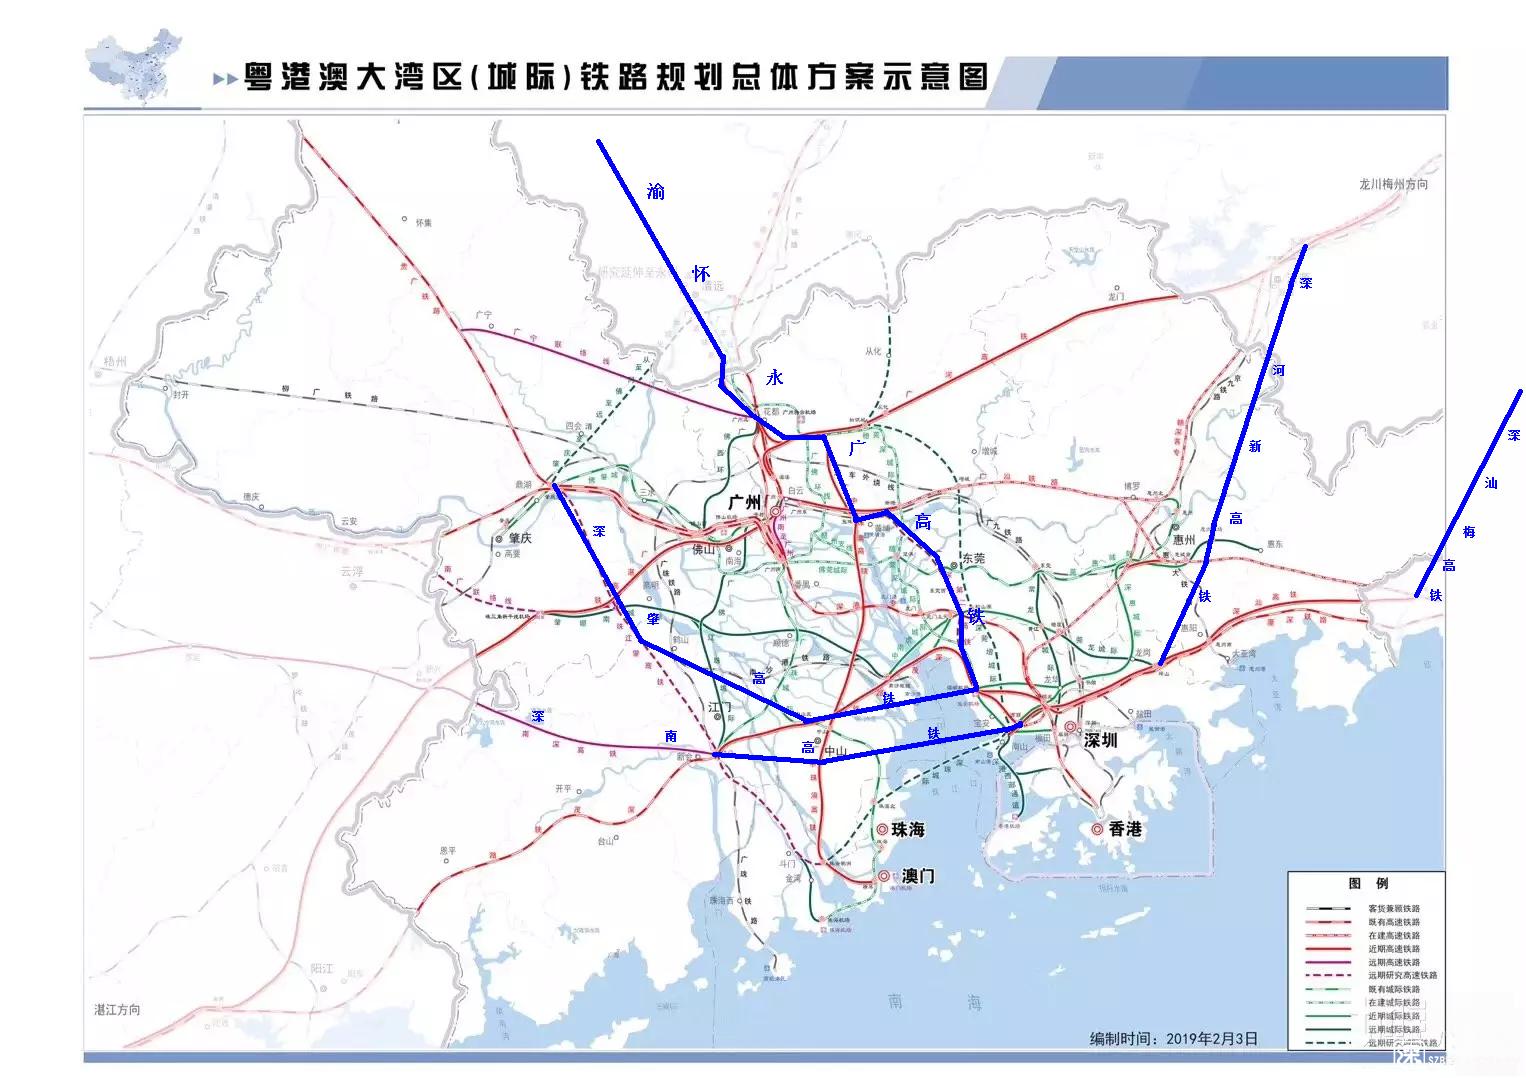 1大湾区铁路规划总体方案示意图.jpg